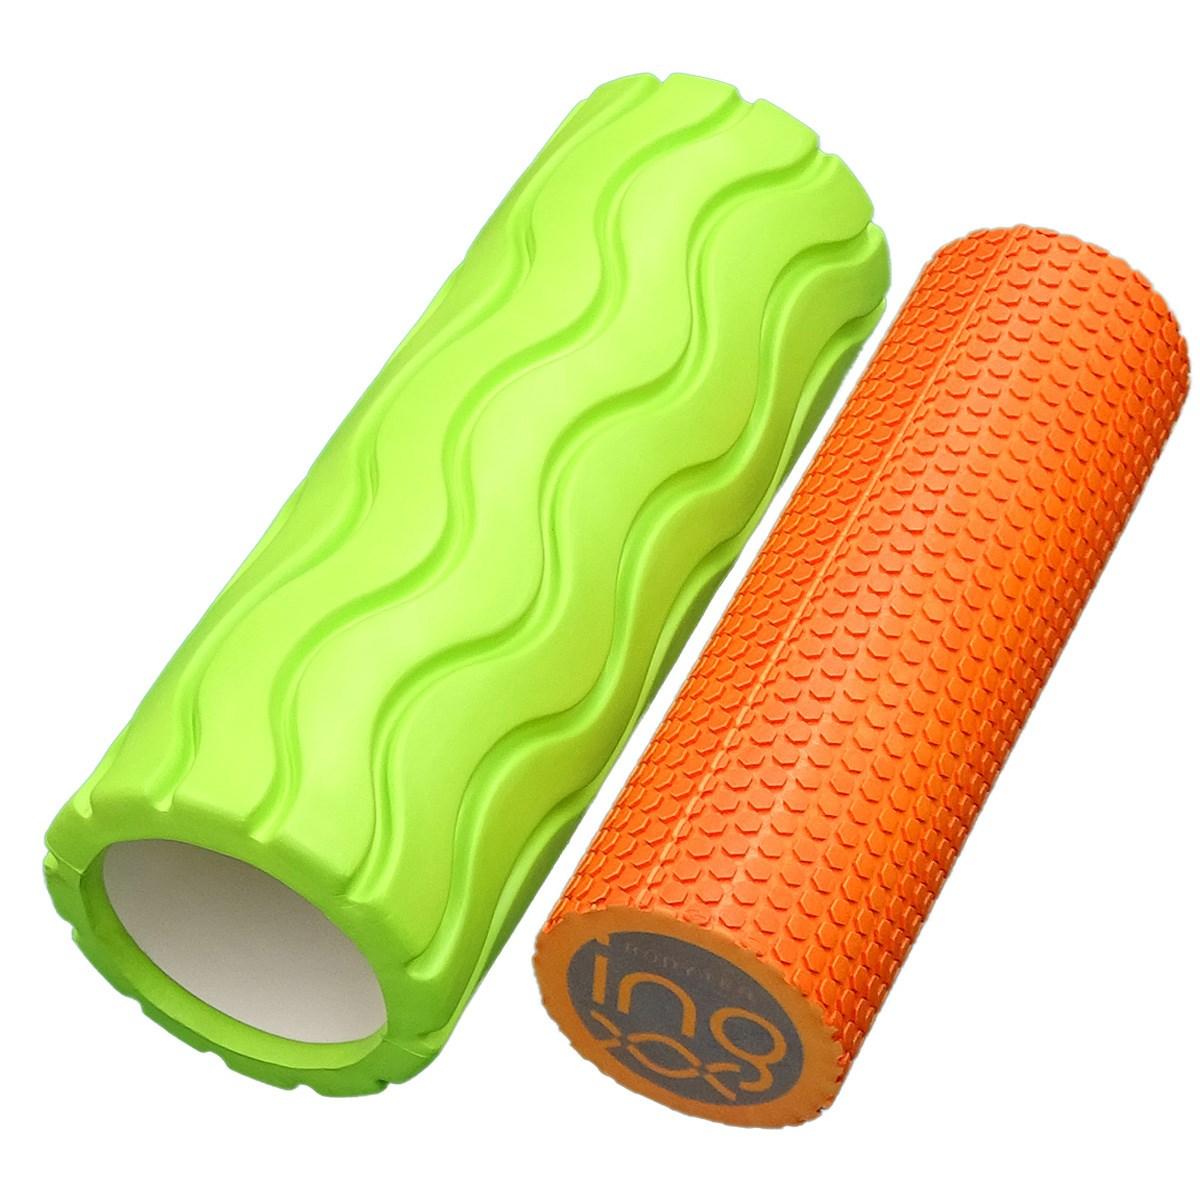 朝日ゴルフ ASAHI GOLF Bodyトレ 筋膜リリース ツインフォームローラー らくらくツインローラー 大:グリーン/小:オレンジ